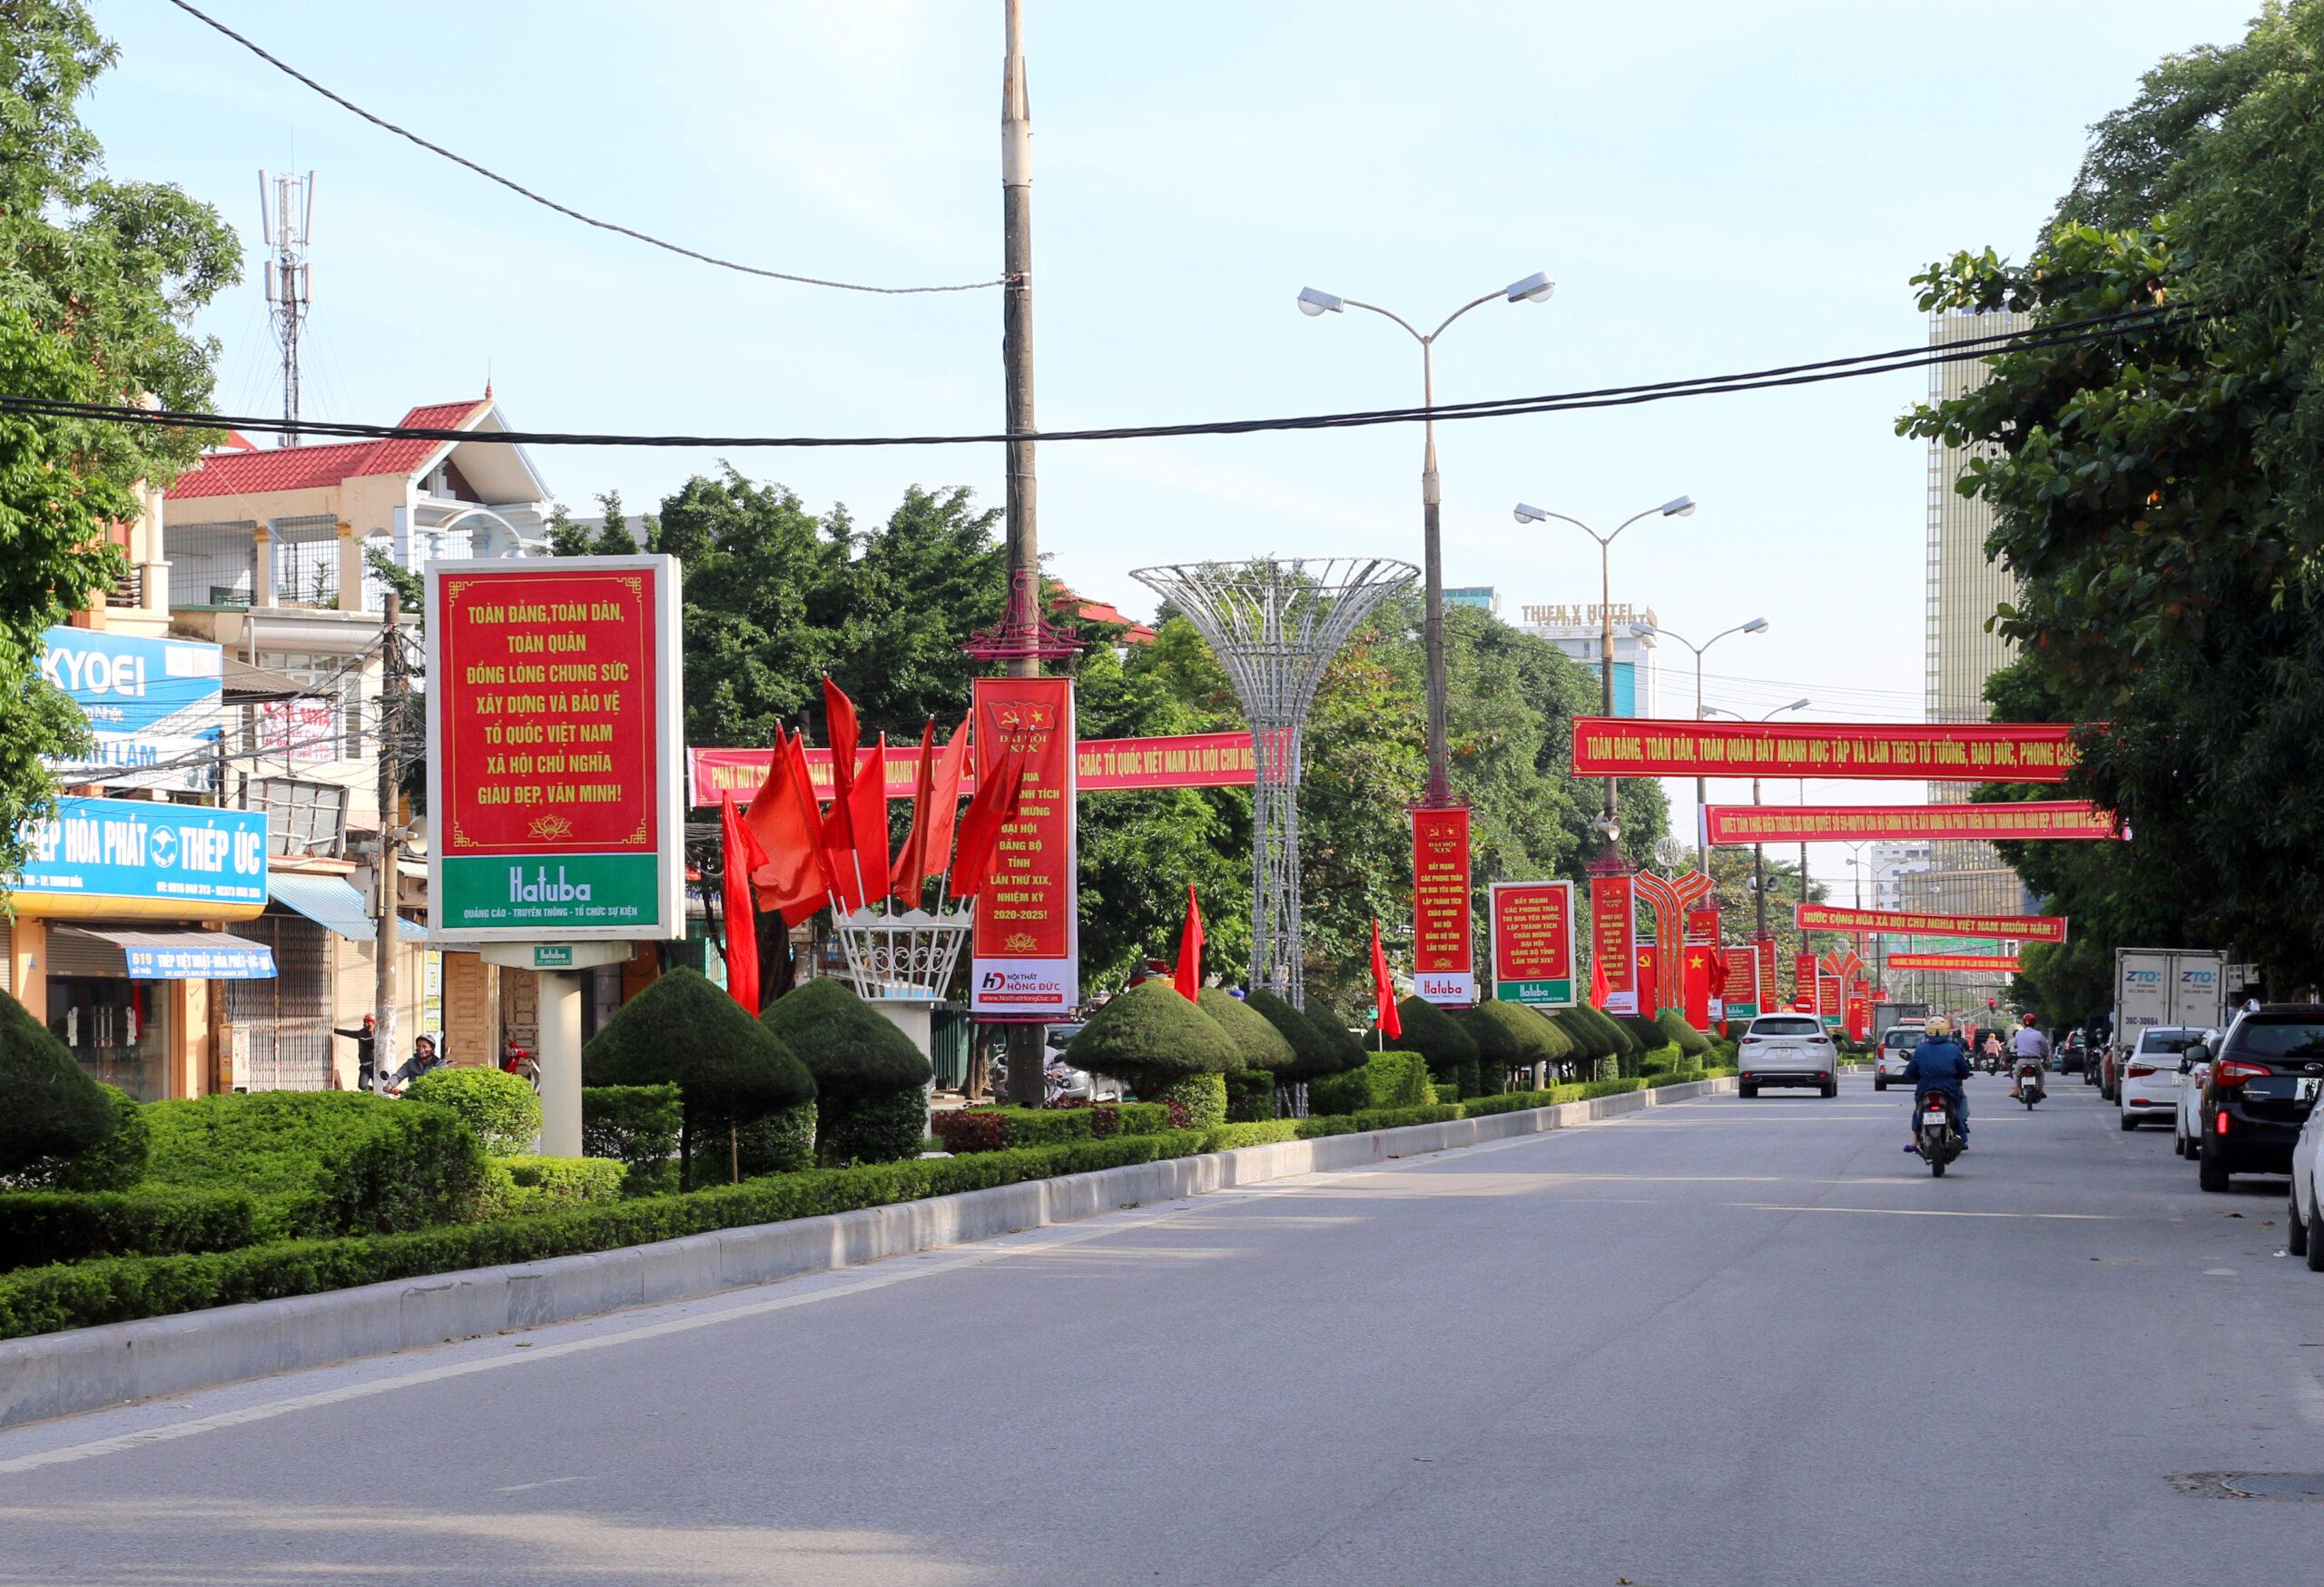 Tuyến đường Trần Phú rực rỡ cờ đỏ, hồng kỳ và băng zôn, khẩu biểu tuyên truyền đại hội.